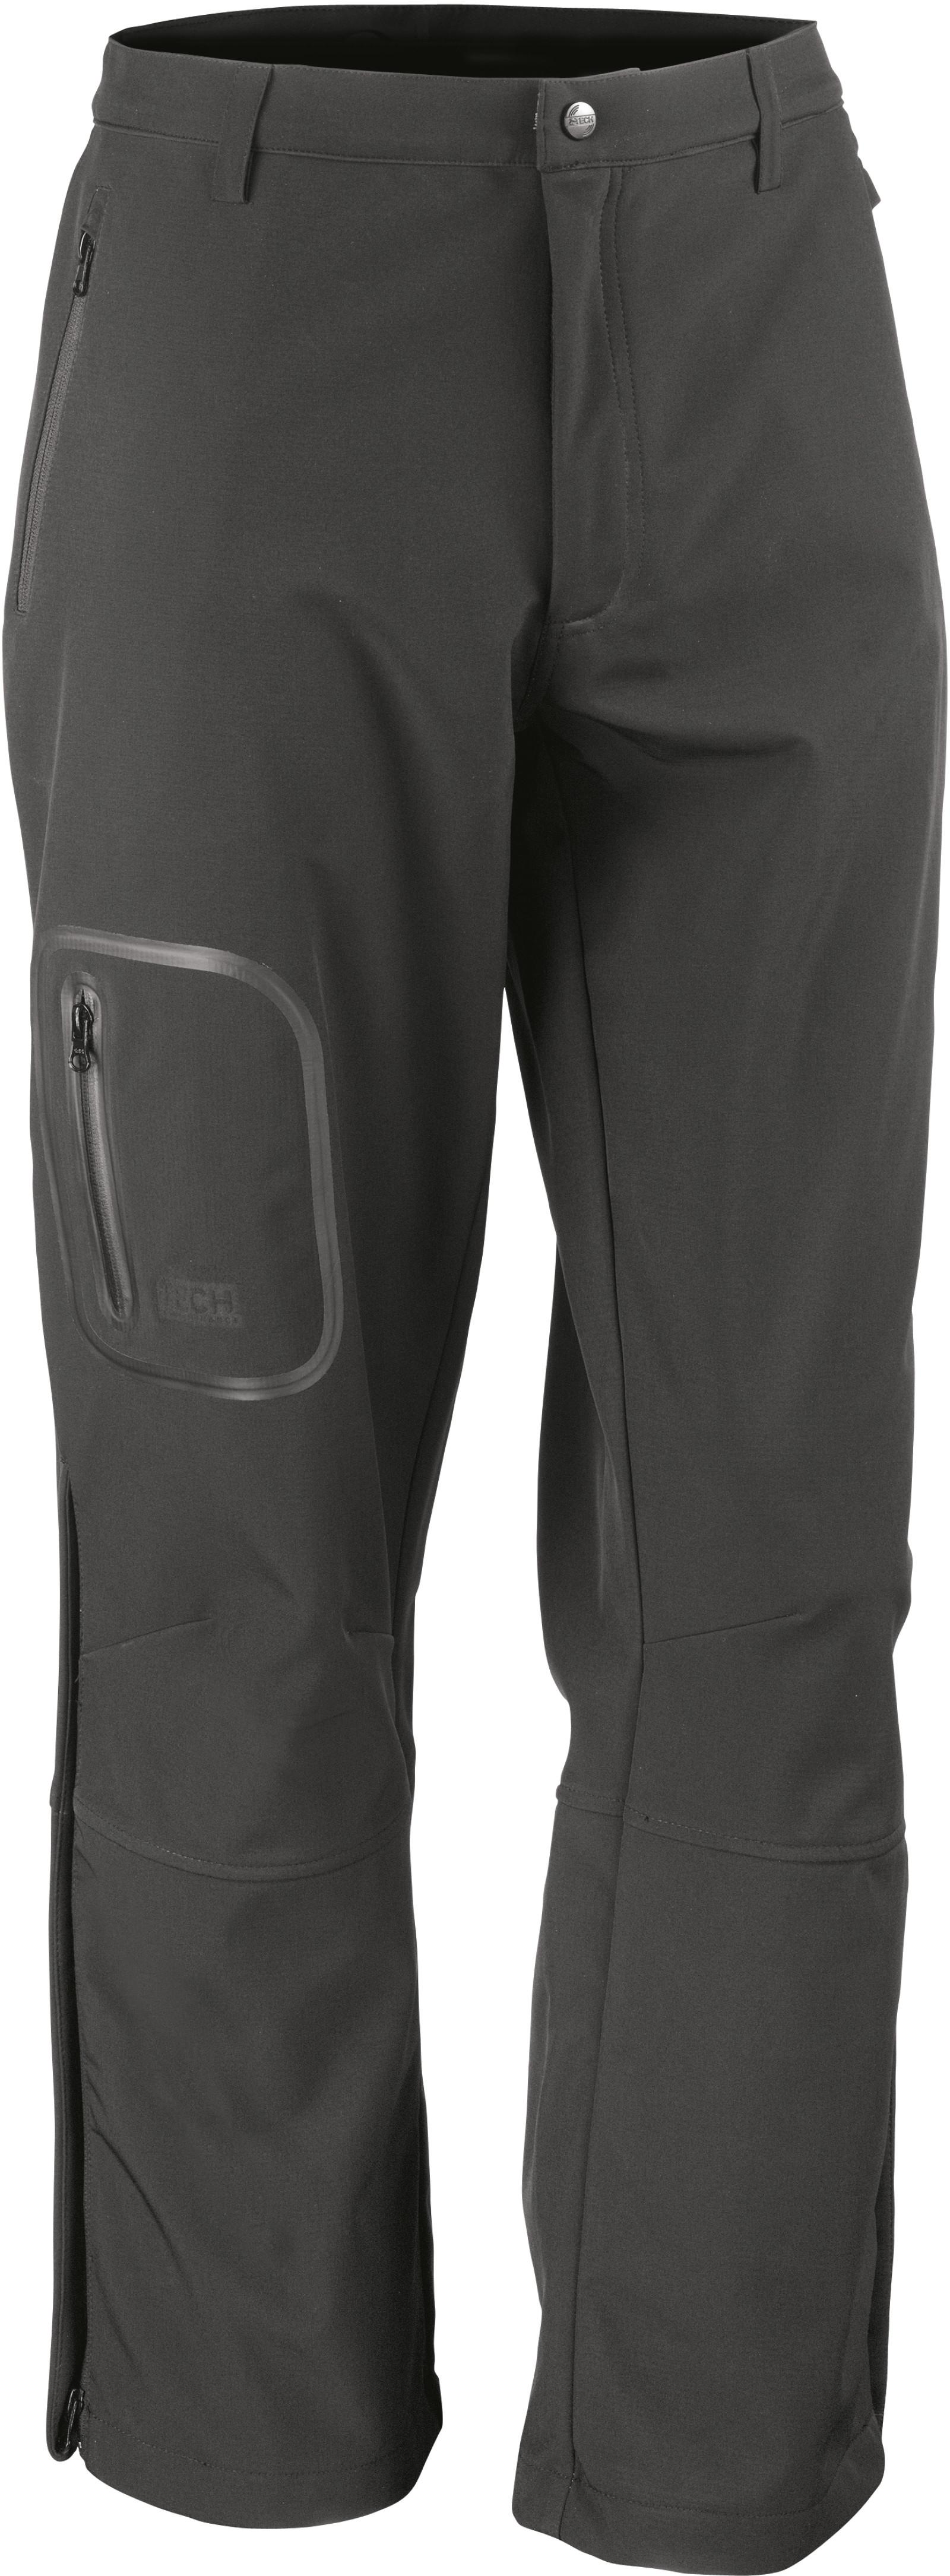 Pánské 3-vrstvové softshellové nohavice